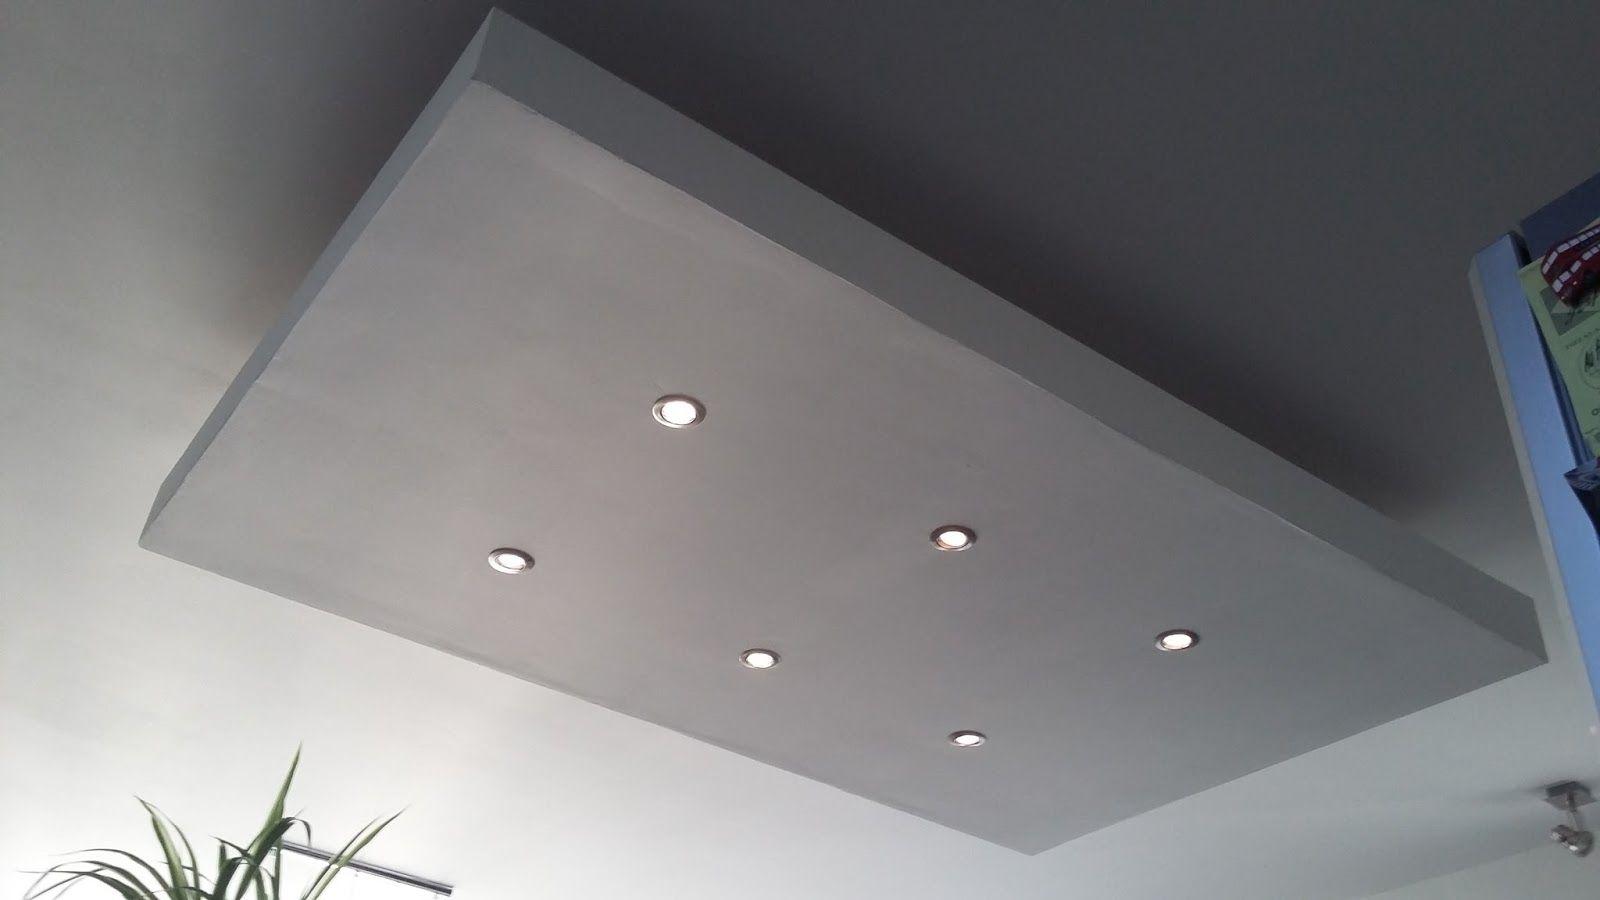 d roch plafond decaissement descendu suspendu placo plaque spot ilot centrale faux plafond. Black Bedroom Furniture Sets. Home Design Ideas